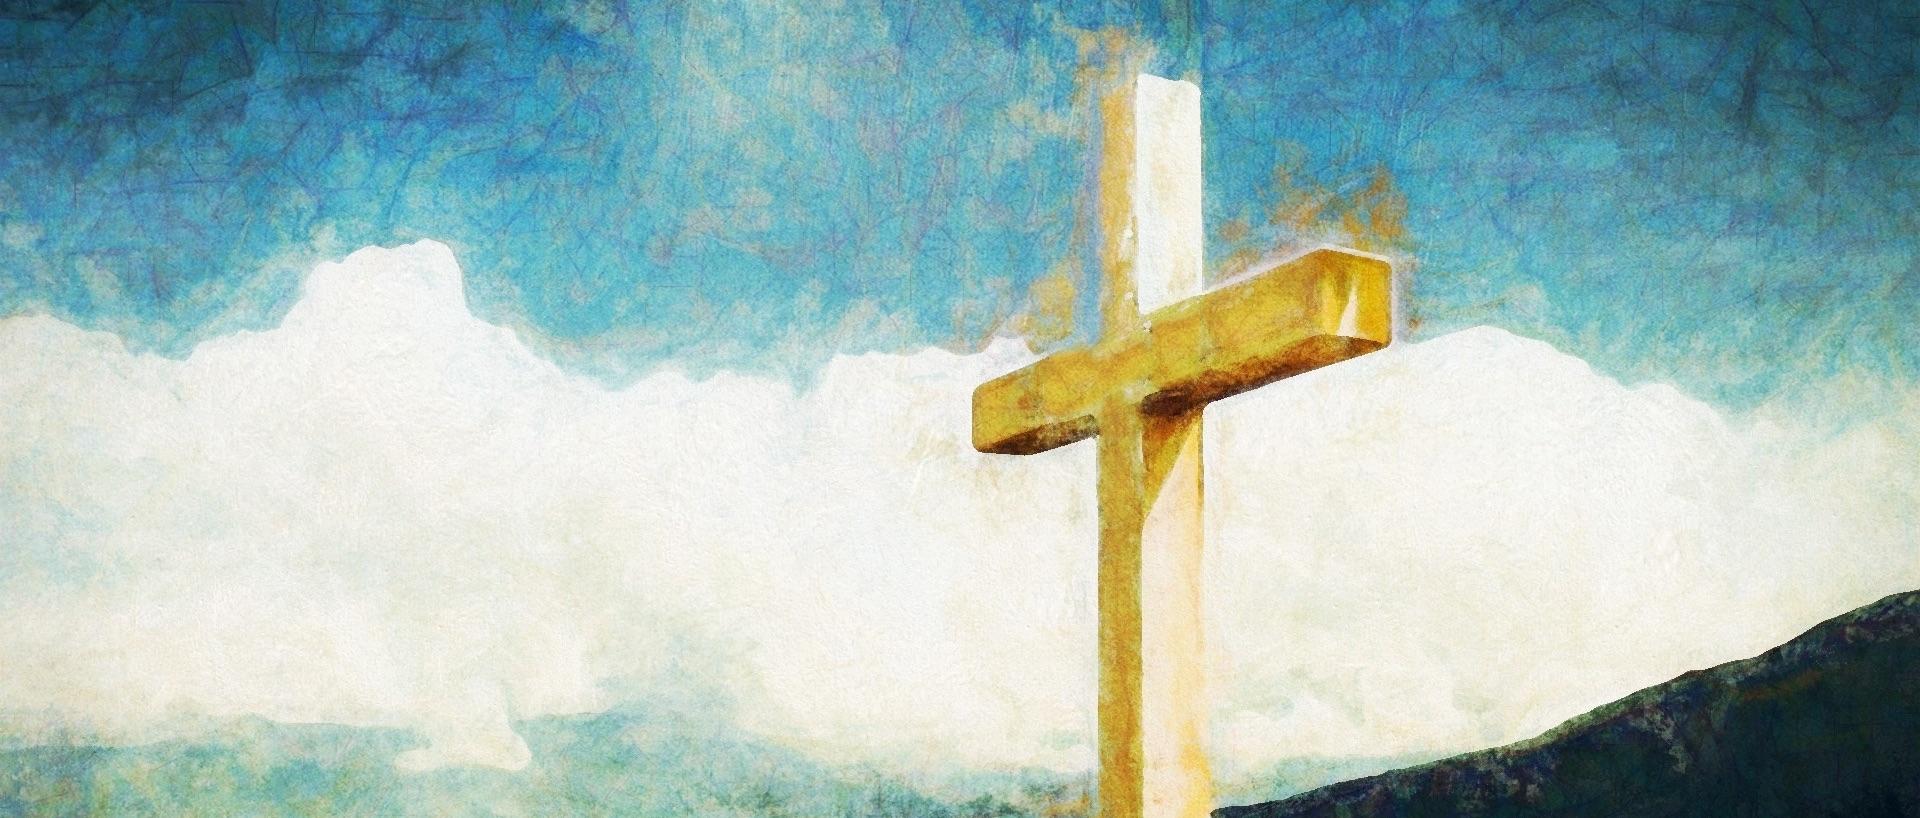 Adoracja Pana Jezusa - Wielki Piątek i Wielka Sobota